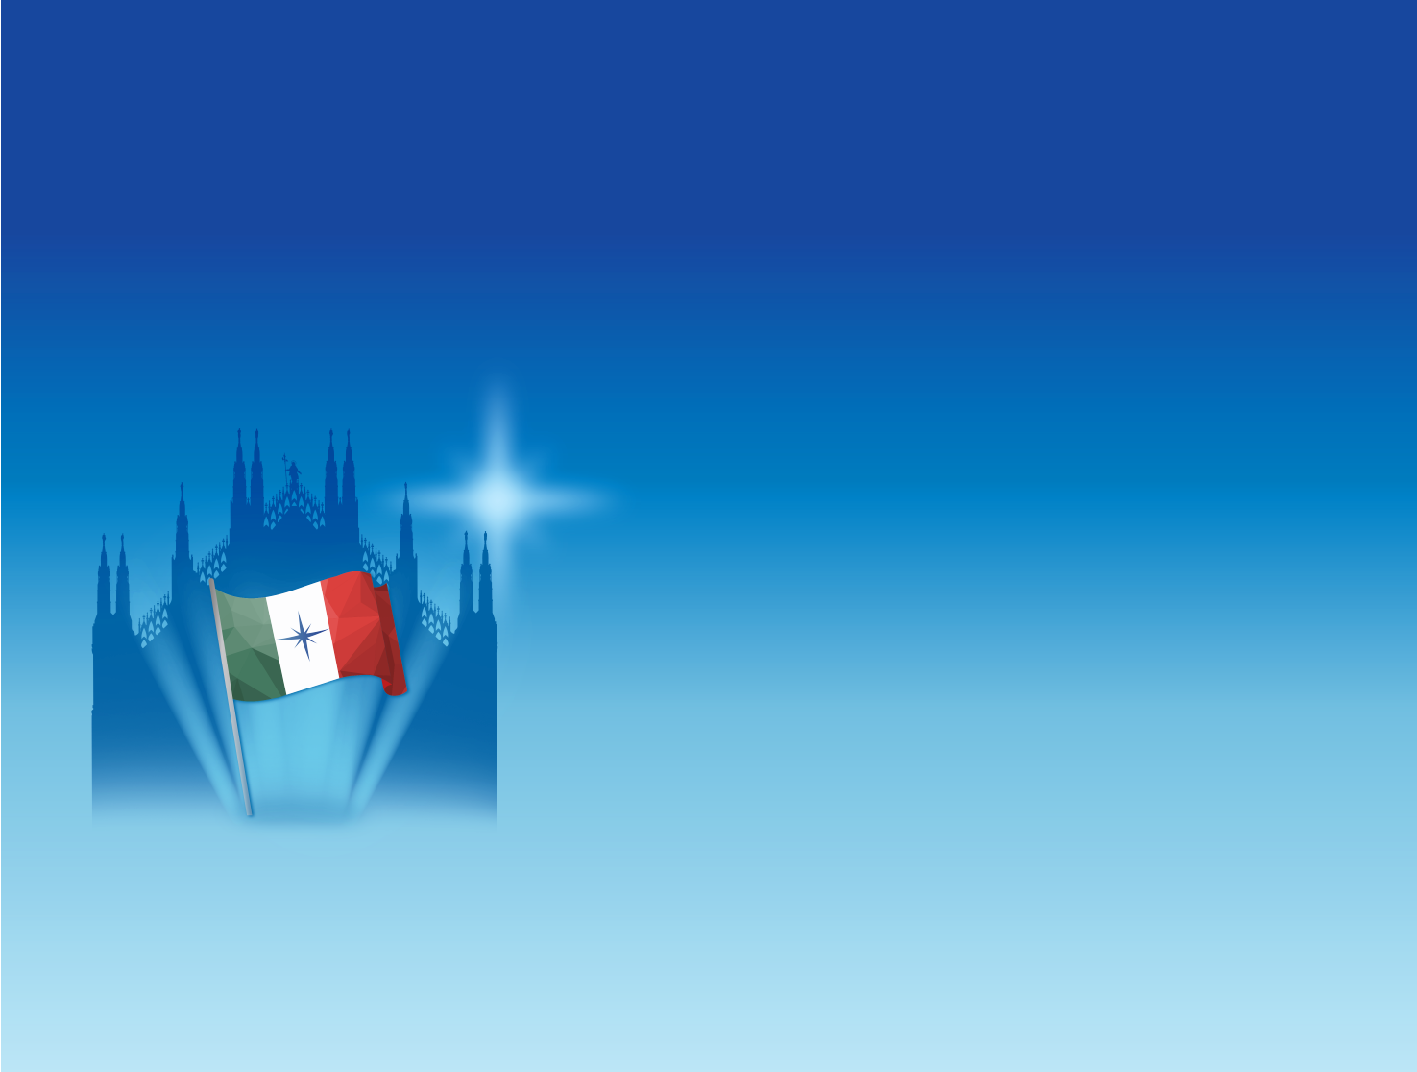 Duomo di Milano e tricolore italiano